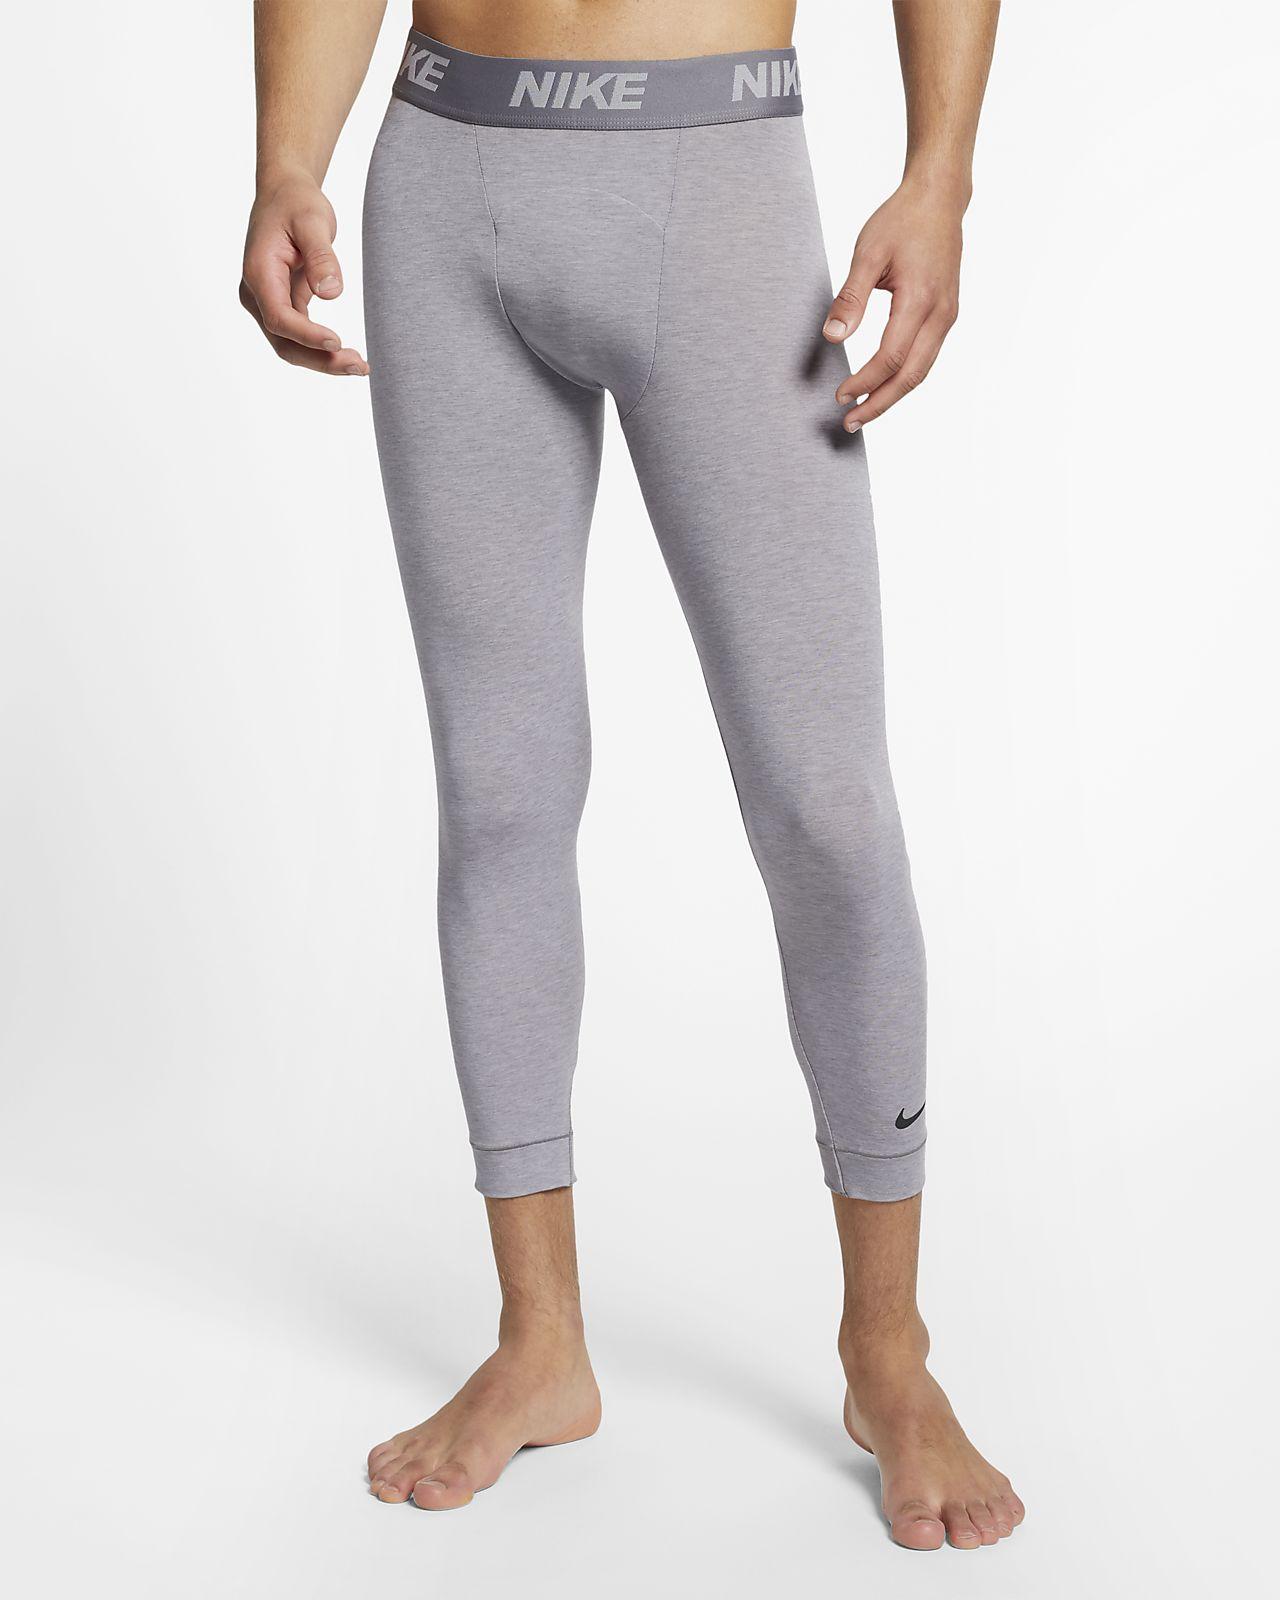 Nike Dri-FIT-3/4-yogatræningstights til mænd